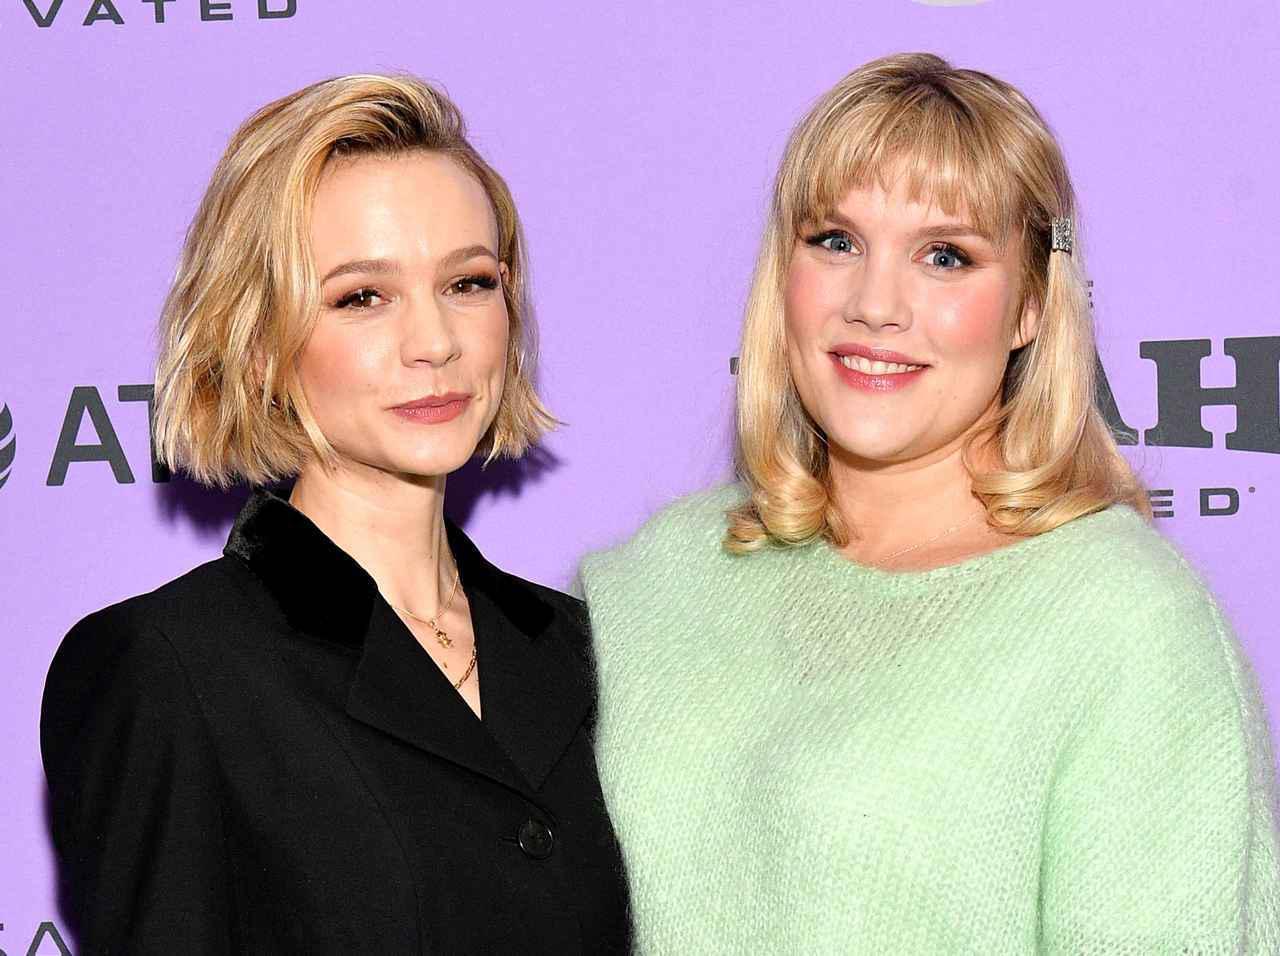 画像: 映画『プロミシング・ヤング・ウーマン』主演のキャリー・マリガン(左)とエメラルド・フェネル(右)